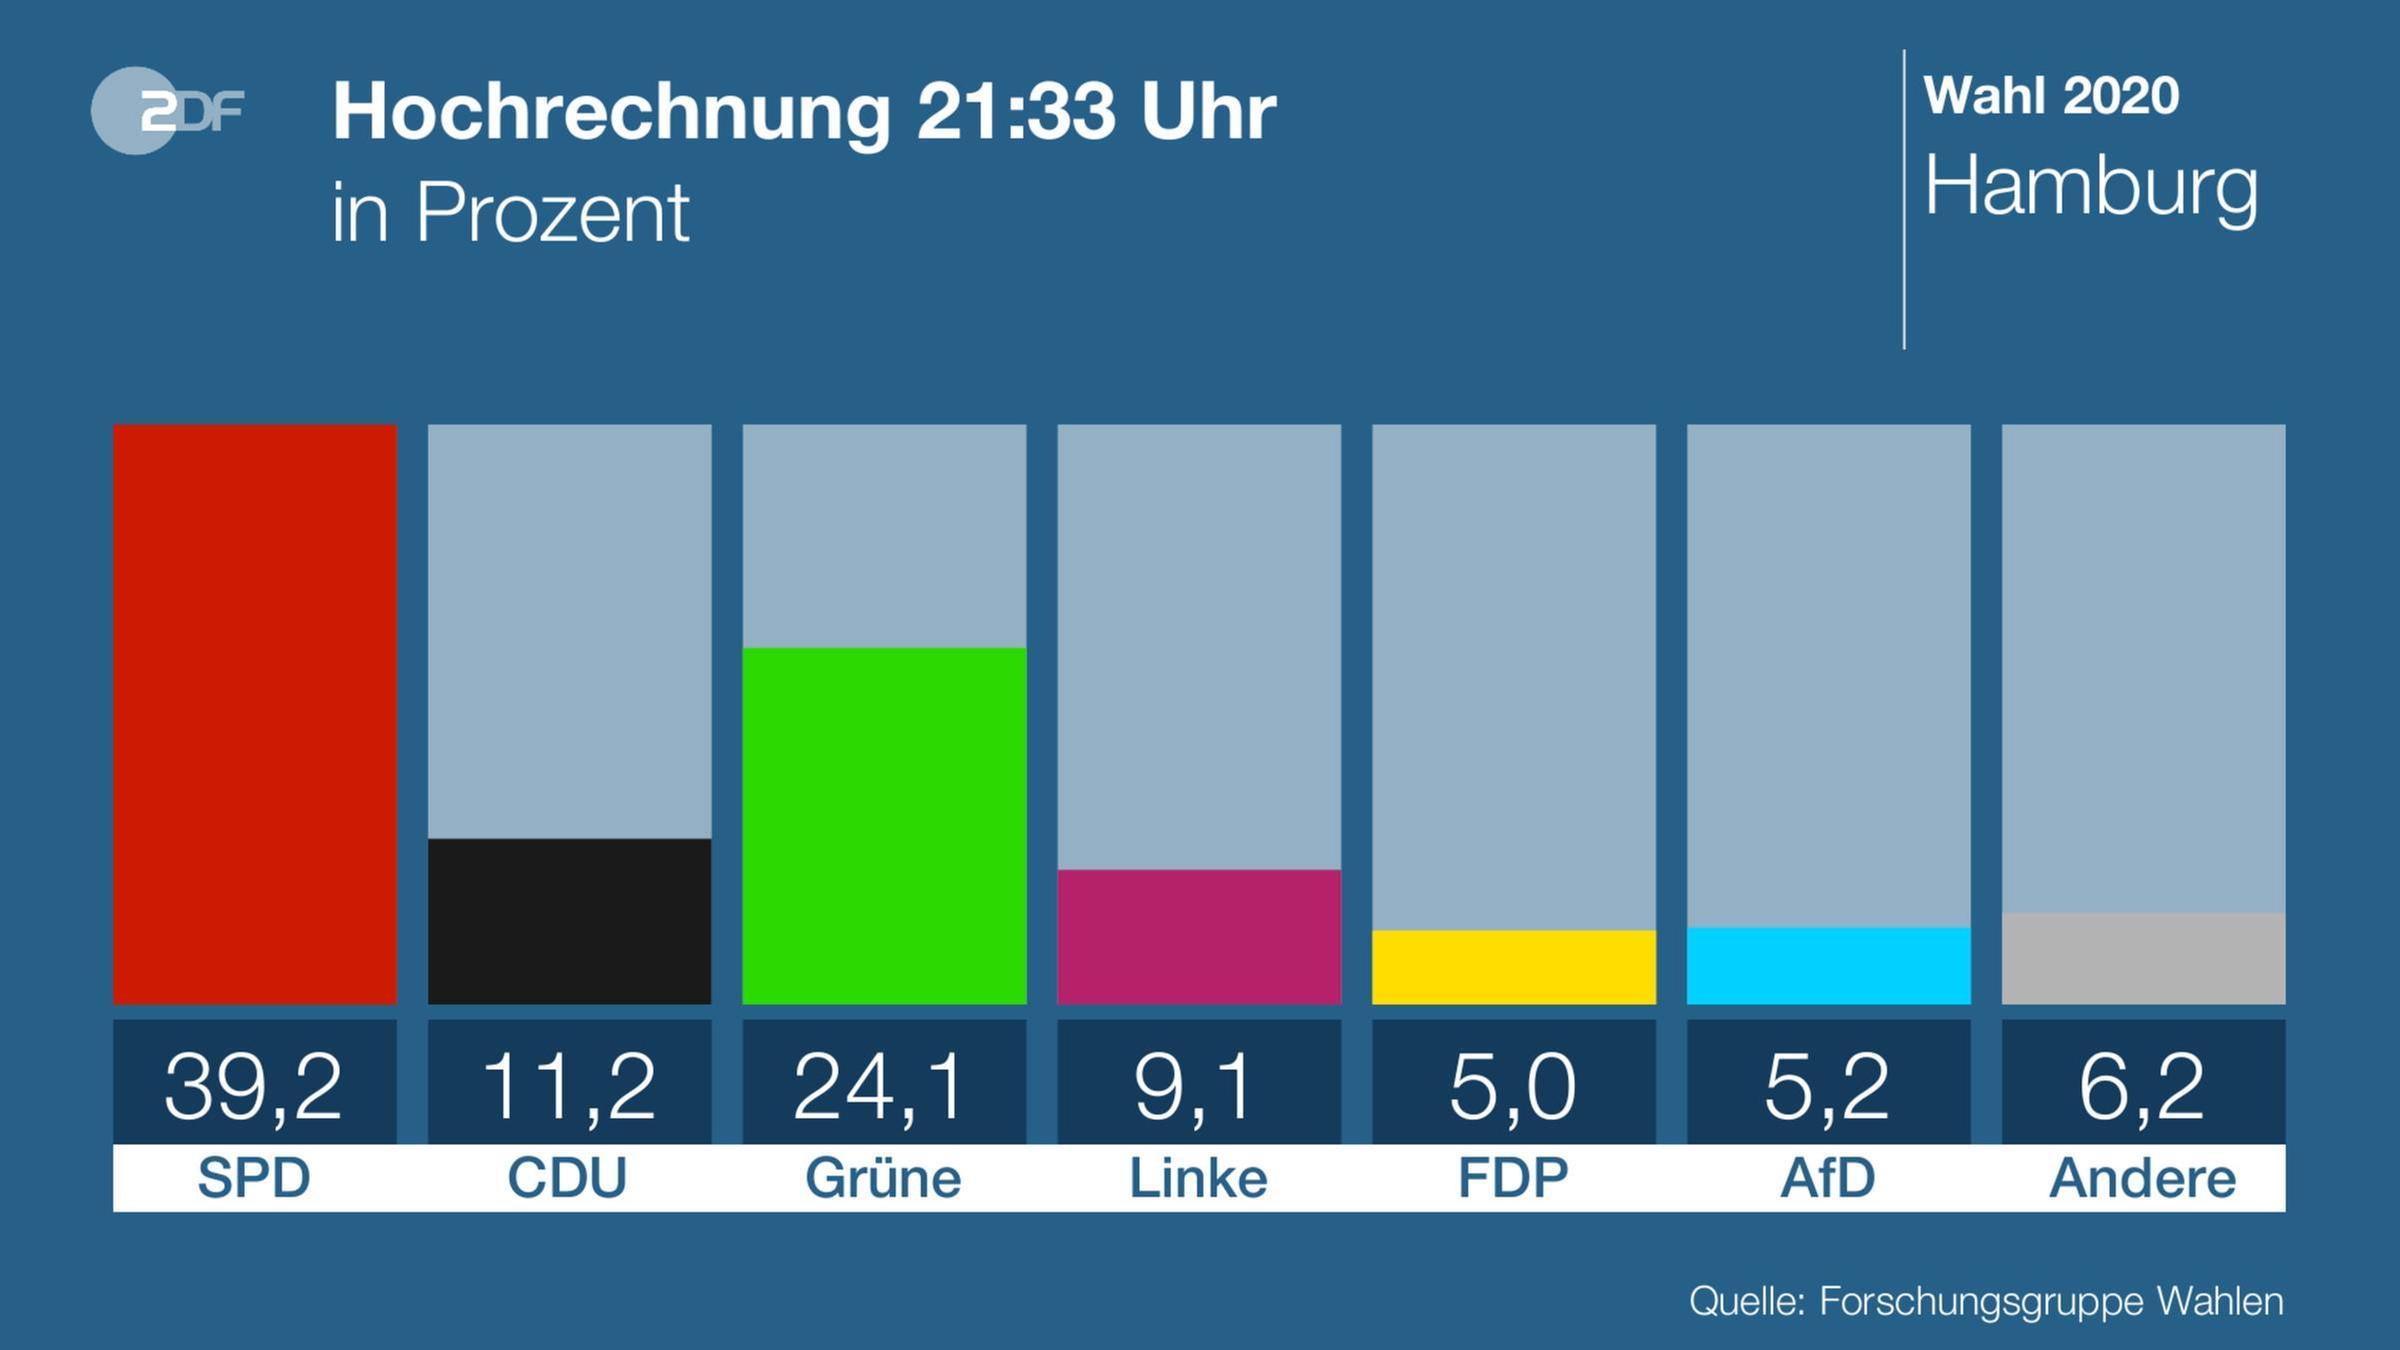 Burgerschaftswahl In Hamburg Spd Vor Grunen Cdu Schwach Zdfheute